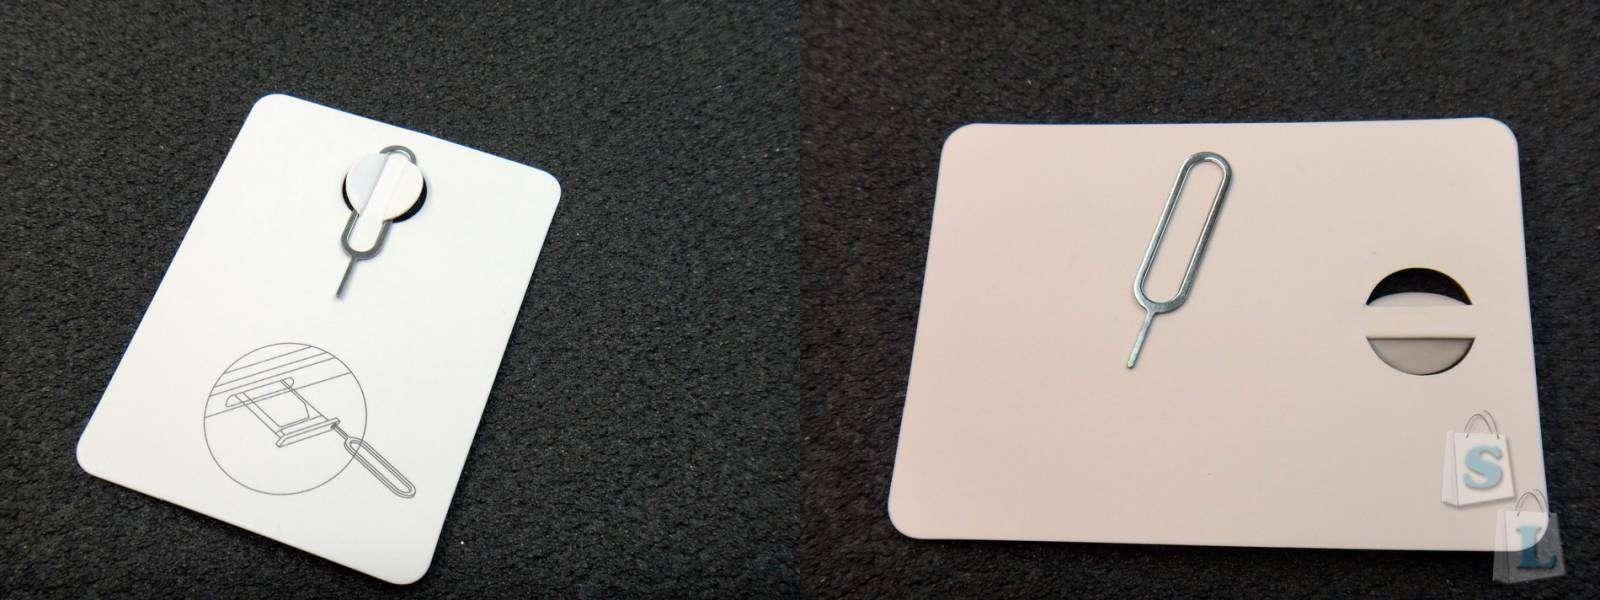 Aliexpress: Обзор Cubot X17 тонкий смартфон, стильный  и с хорошей памятью.